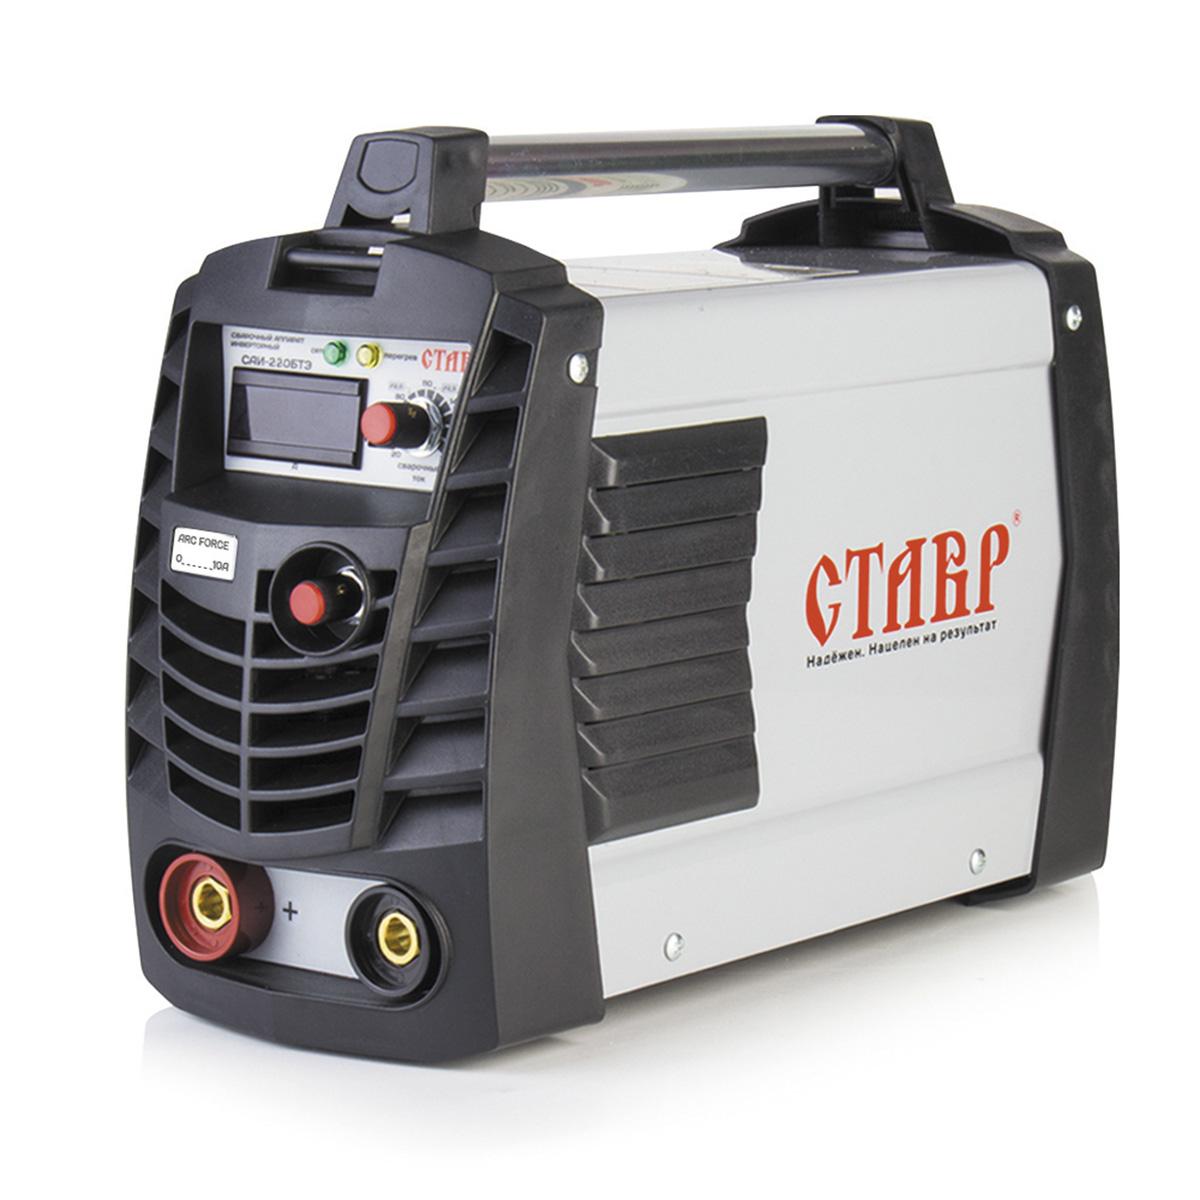 Сварочный аппарат инверторный Ставр САИ-220 БТЭст220бтэКомплектация - рабочий кабель (2мx20мм?) с электродержателем, кабель заземления (1мх20мм?) с клемой, сварочный щиток, металлическая щетка.